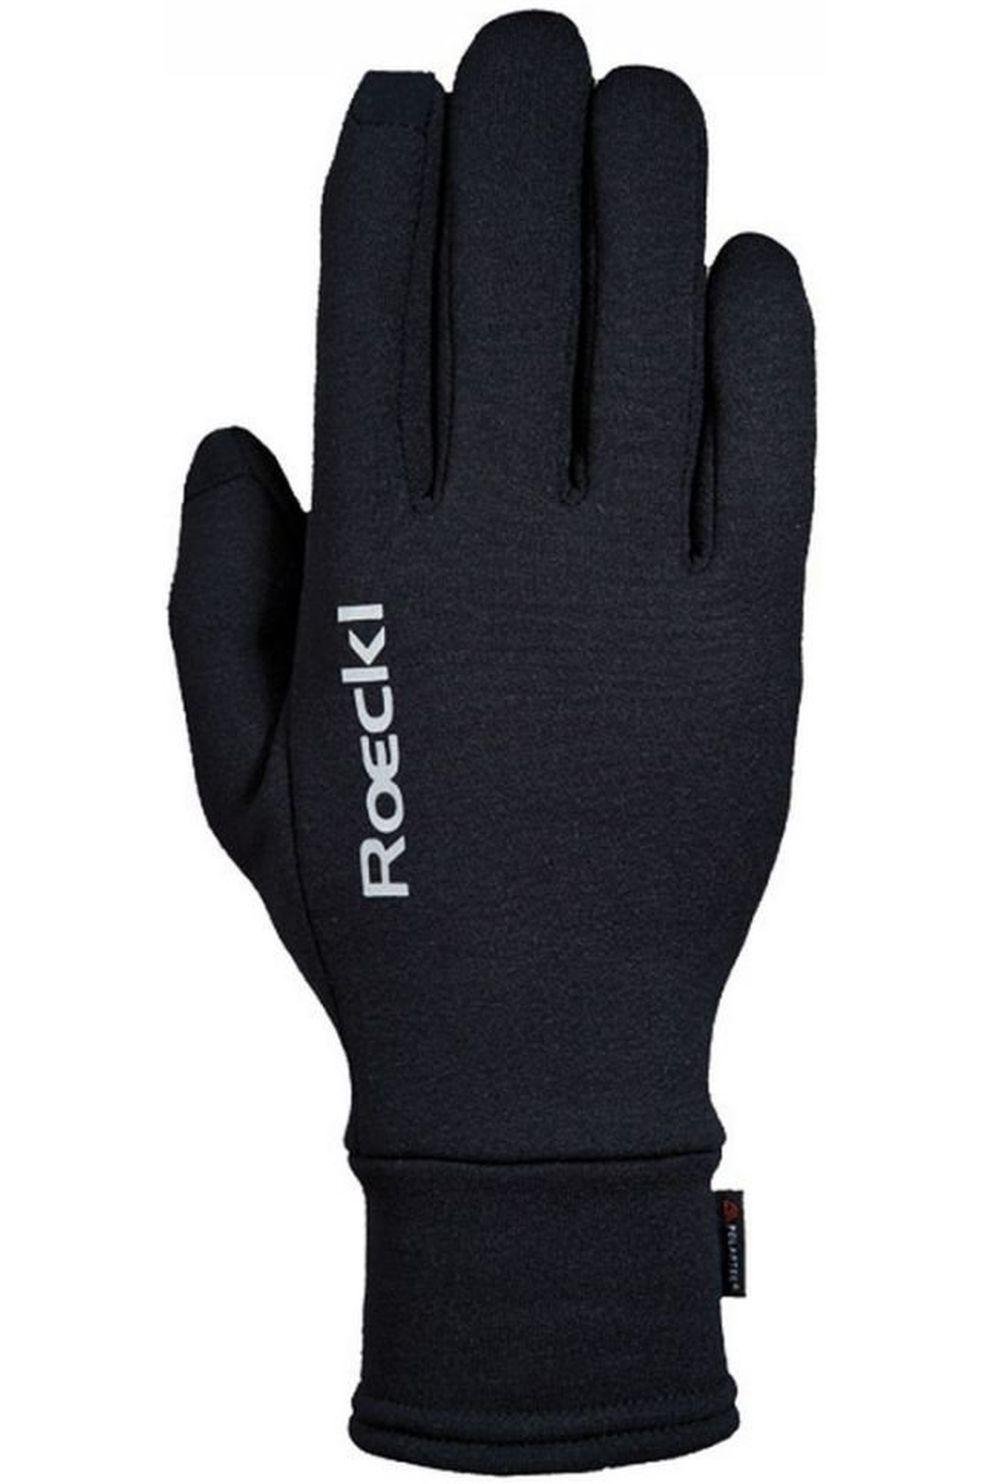 Roeckl Handschoen Paulista - Zwart - Maten: 6, 7, 9